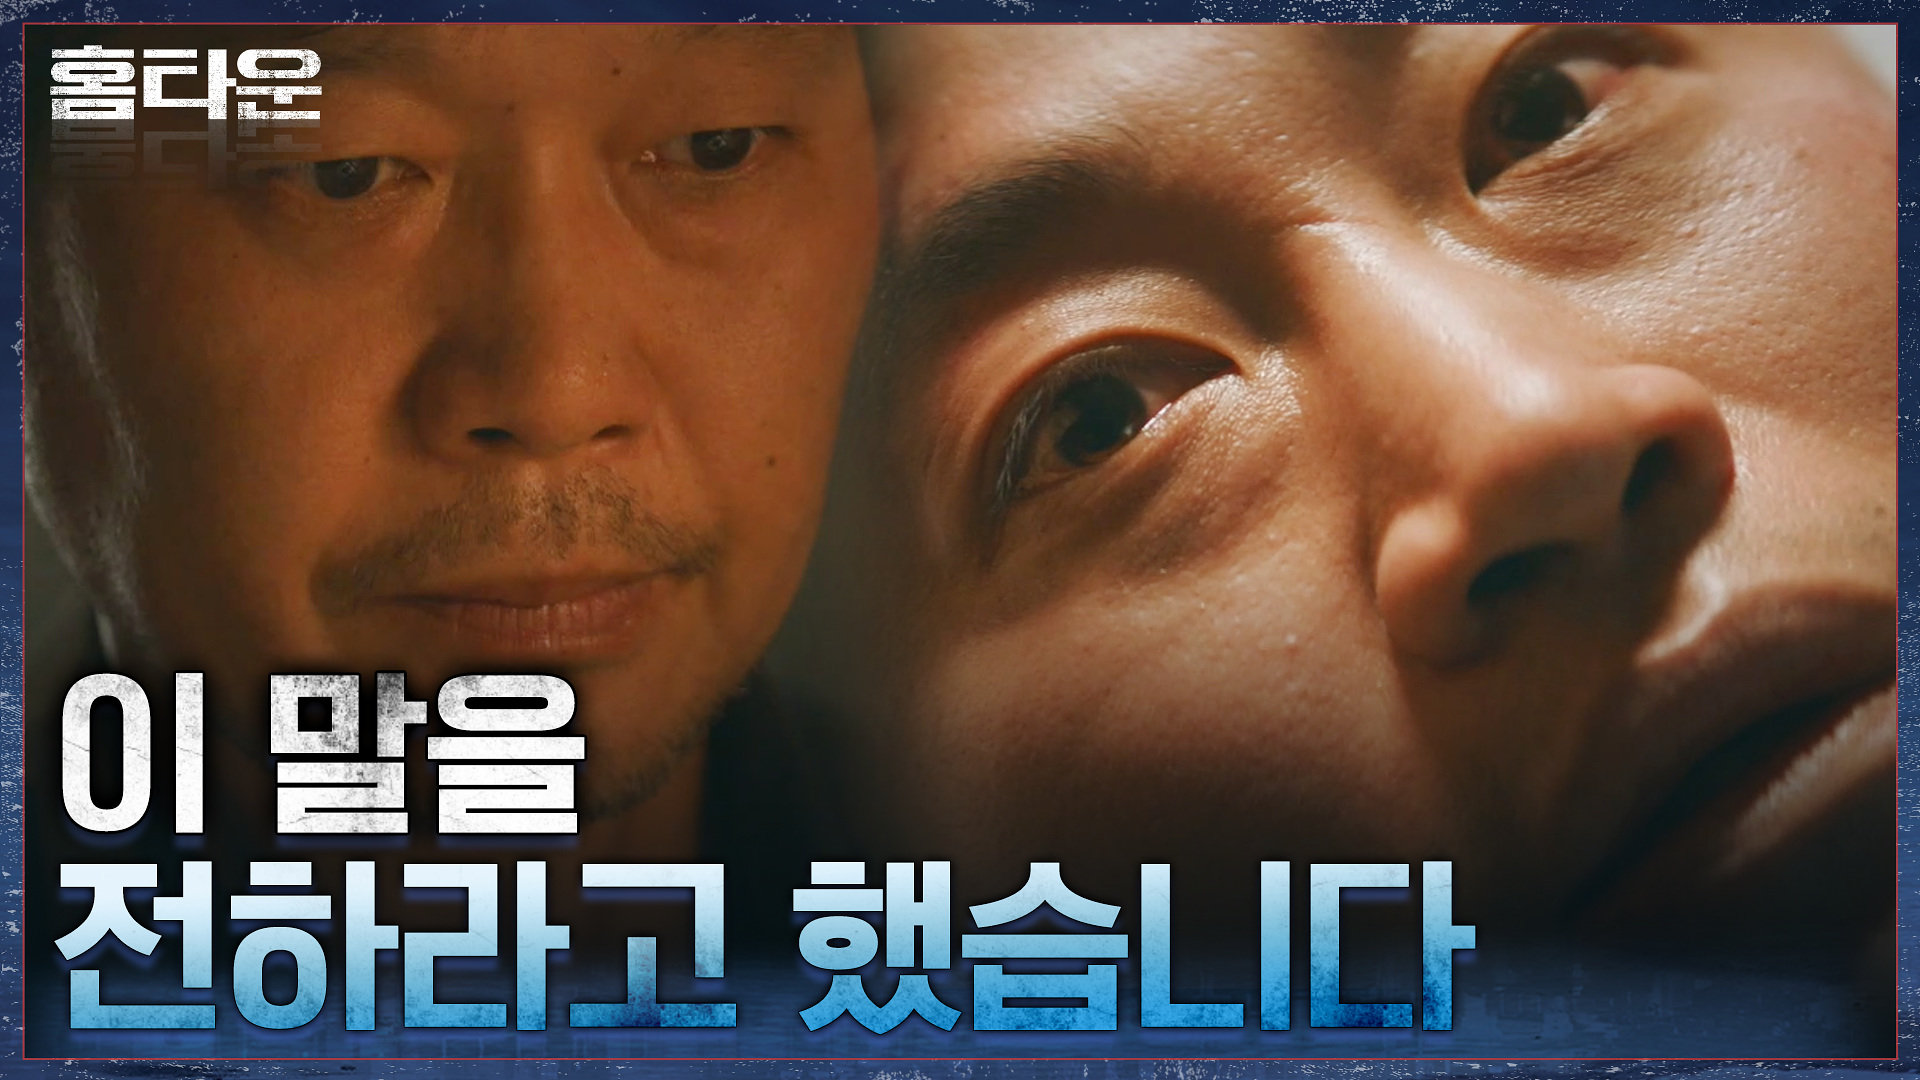 탈옥의 난장판에서 살아남은 생존자가 전하는 약속 장소?   tvN 211021 방송